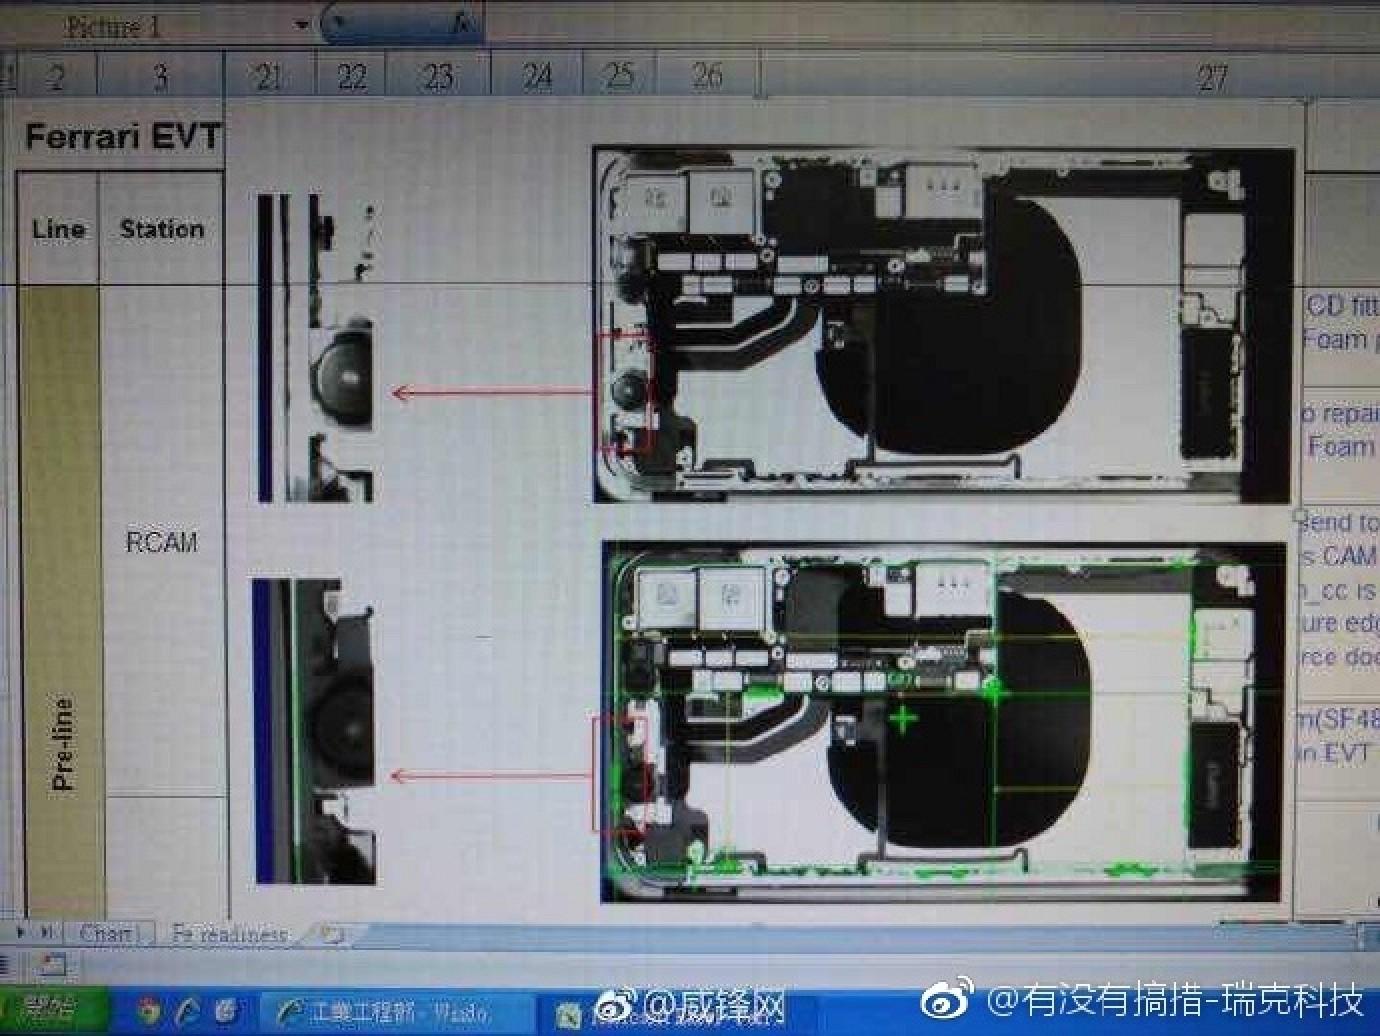 صورة مسربة يعتقد أنها تظهر الهيكل الداخلي لجهاز أيفون 8